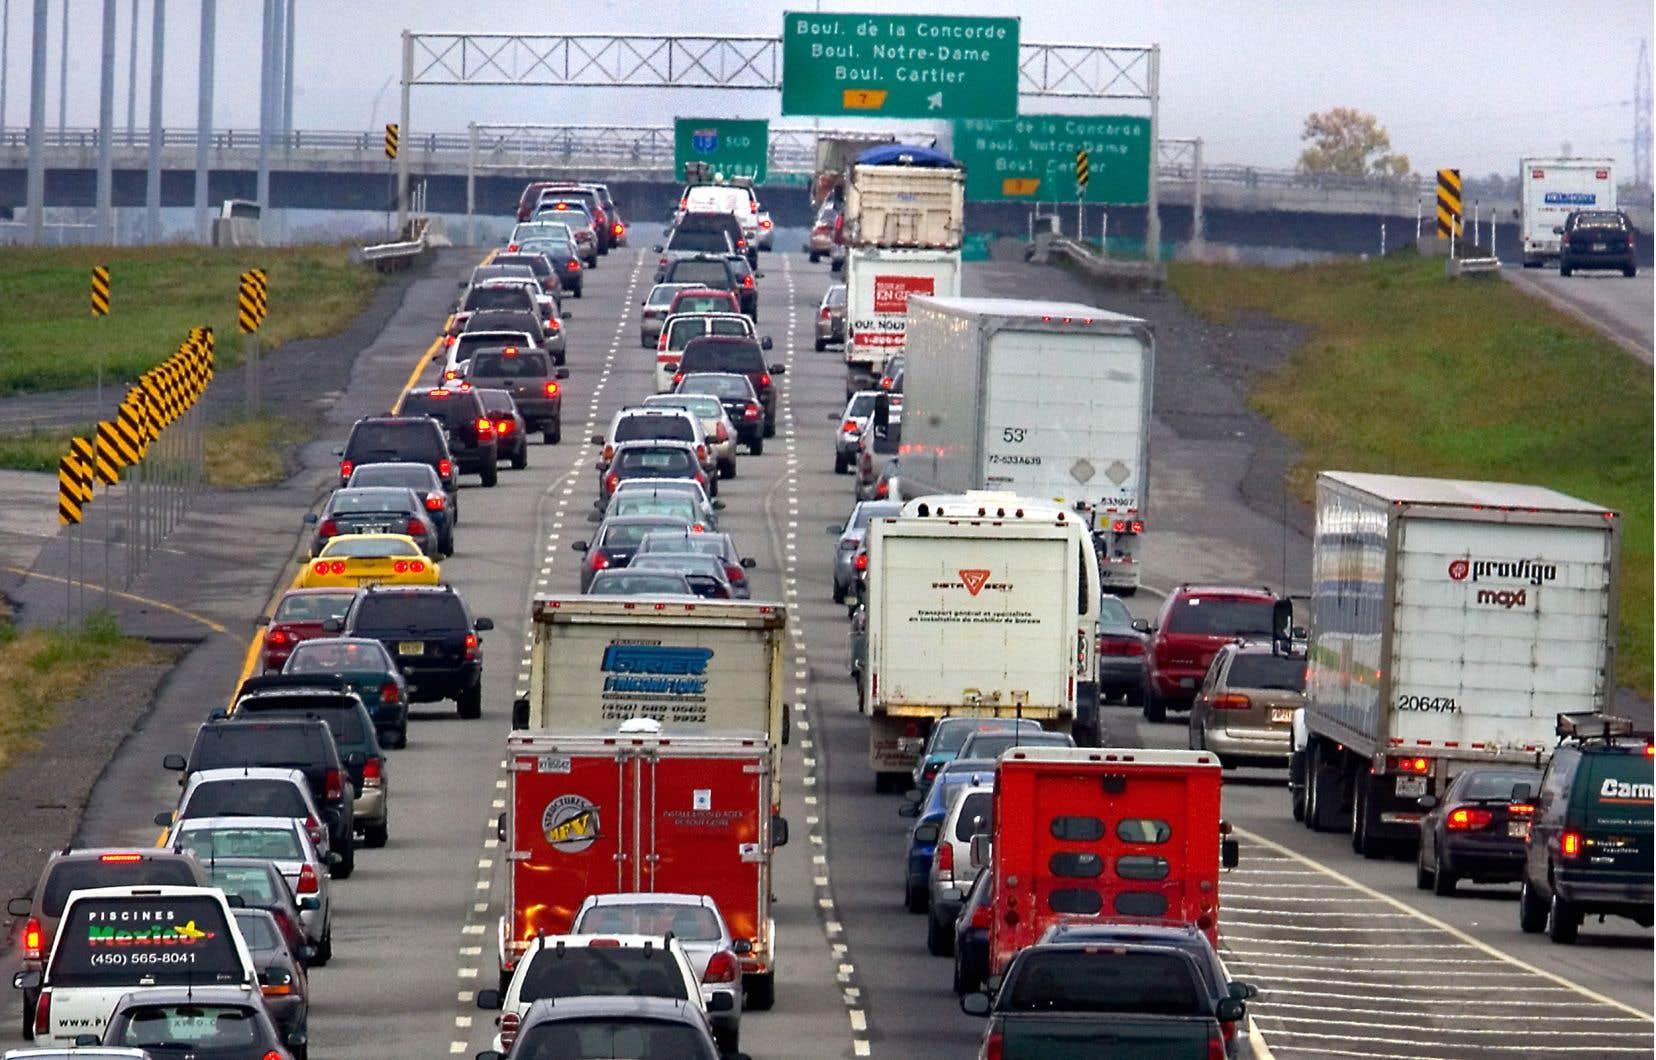 En matière d'écofiscalité, une idée qui revient souvent est celle de moduler les taxes à l'acquisition ou les droits d'immatriculation des véhicules en fonction de leur cylindrée.